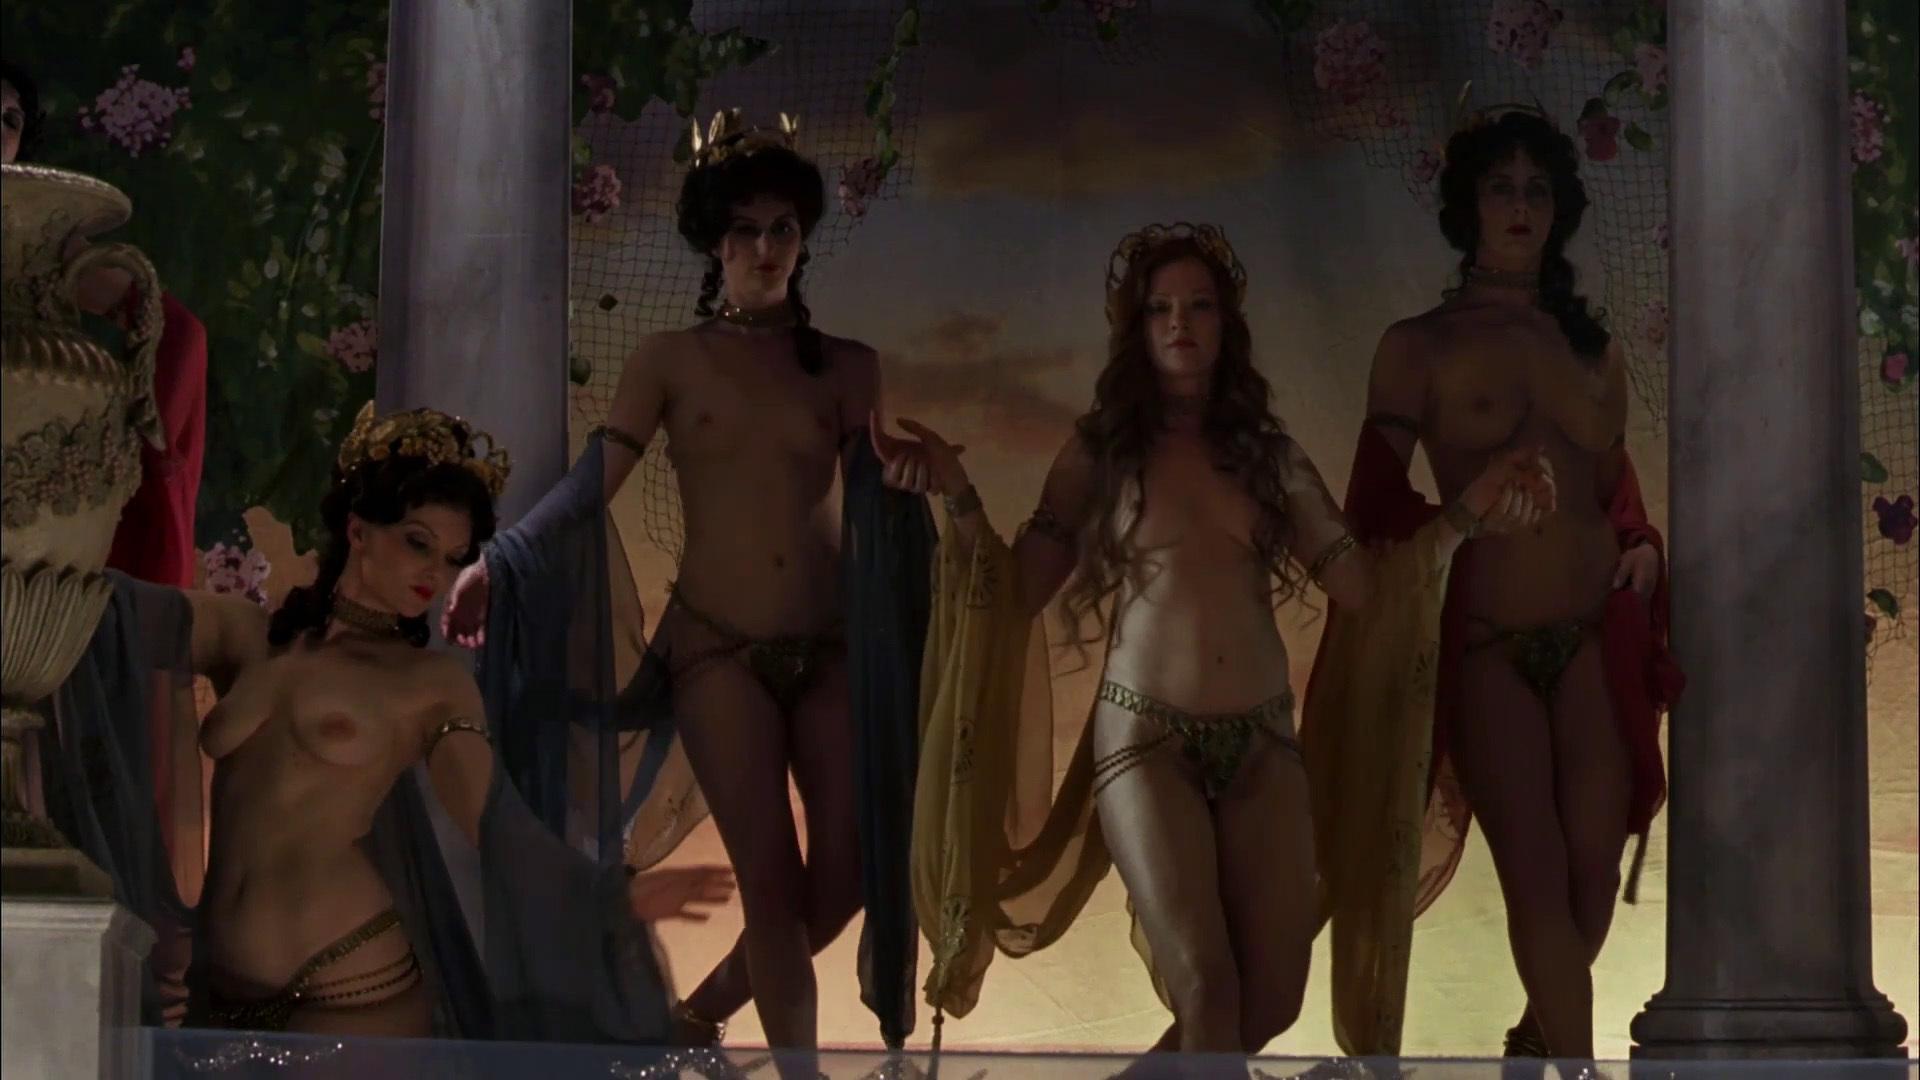 Gretchen Mol - Boardwalk Empire S01E04-05 HD 1080p 01.jpg